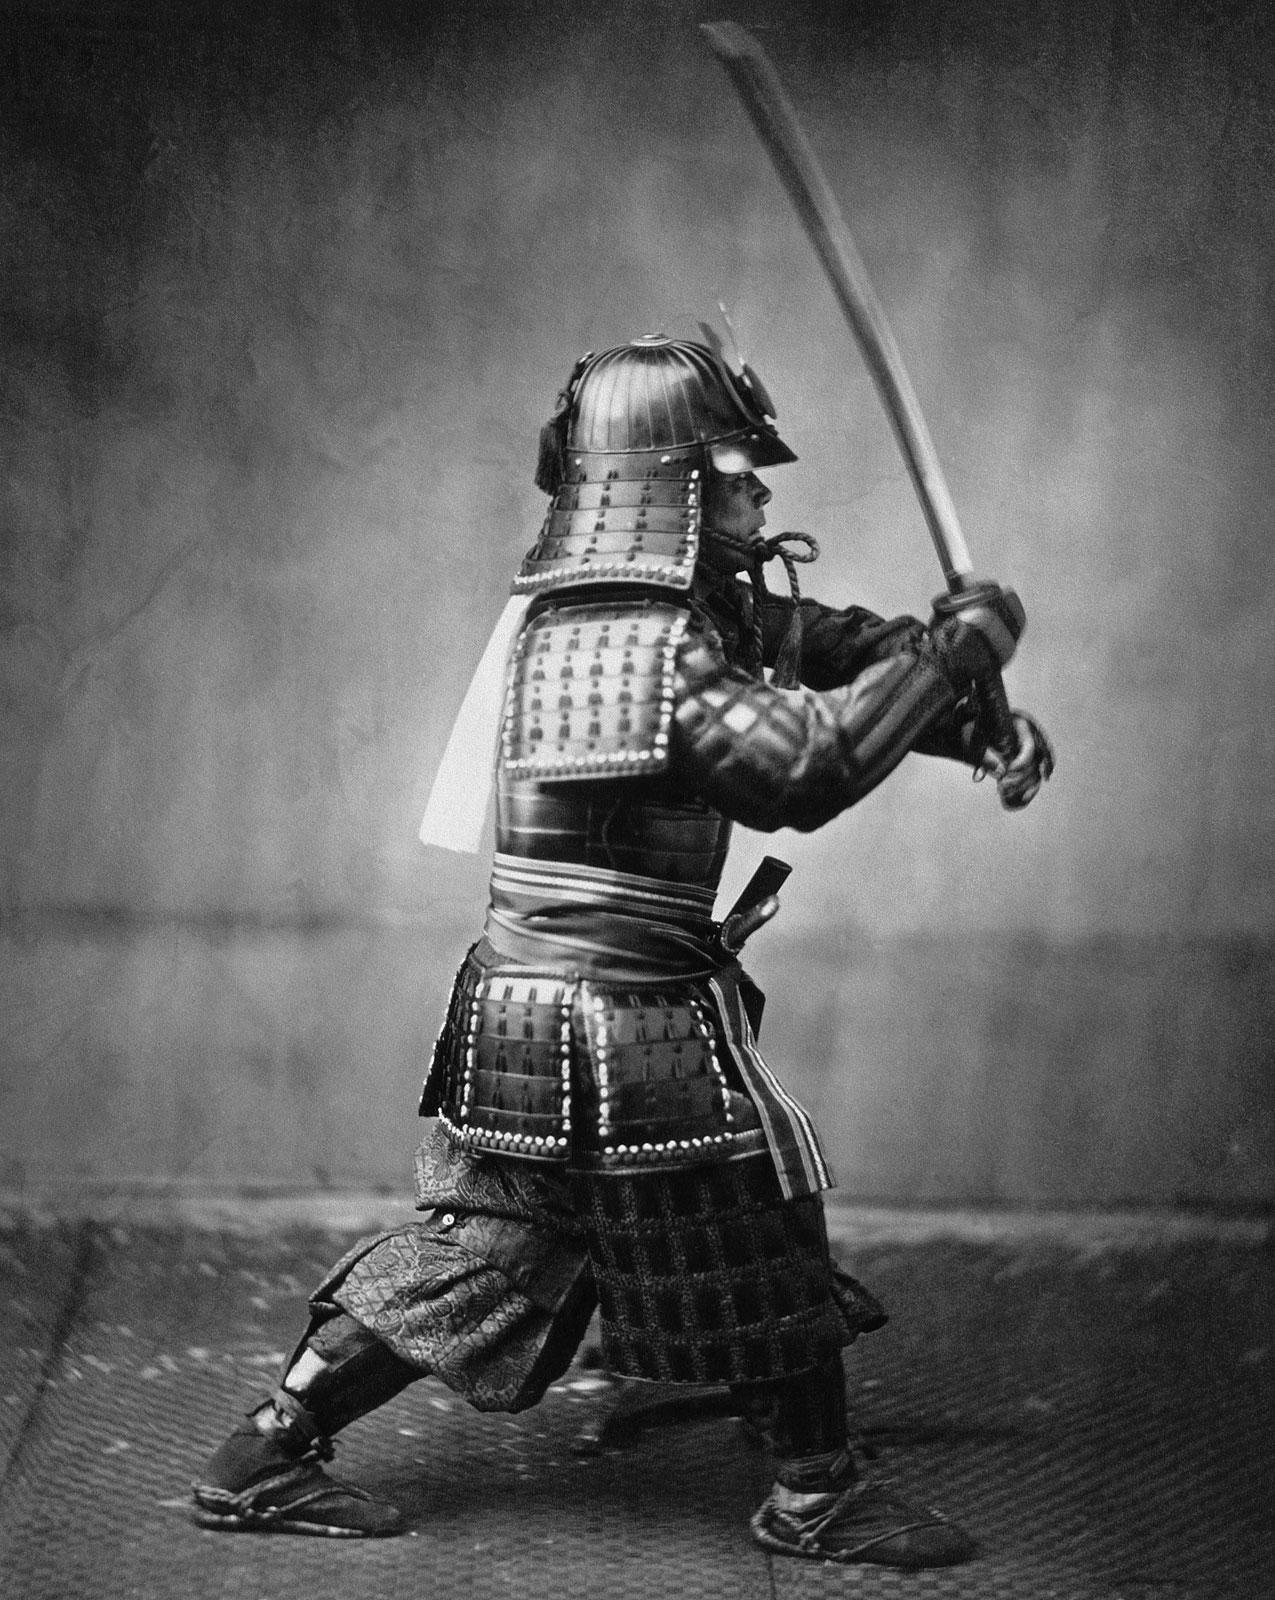 14 - Samurai Luchando con una Katana